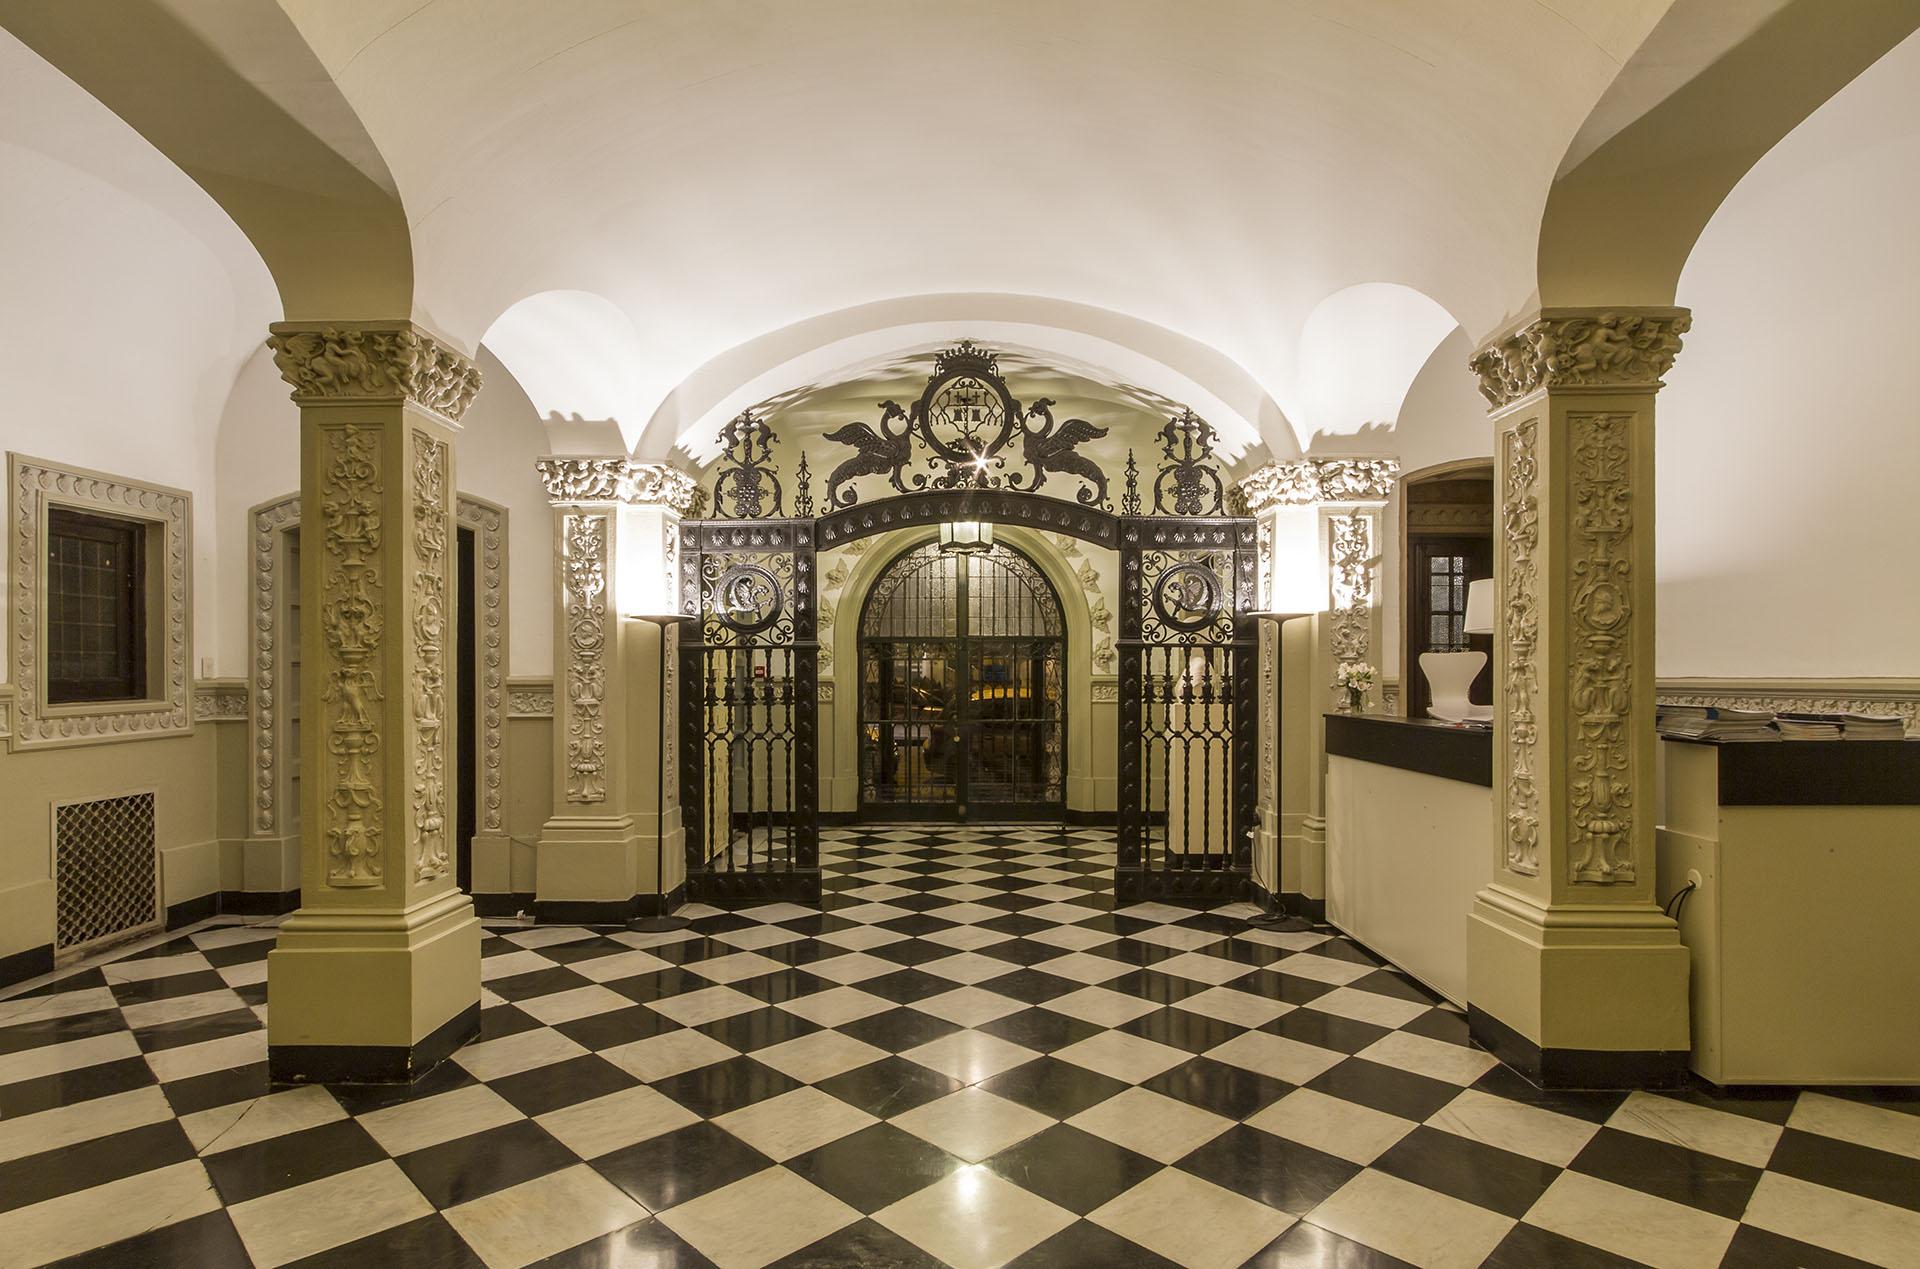 El Museo Evita va a ser uno de los cientos y cientos de edificios que se van a poder visitar para festejar el Día Nacional de los Monumentos en todo el país (Gentileza Instituto Nacional de Investigaciones Históricas Eva Perón)